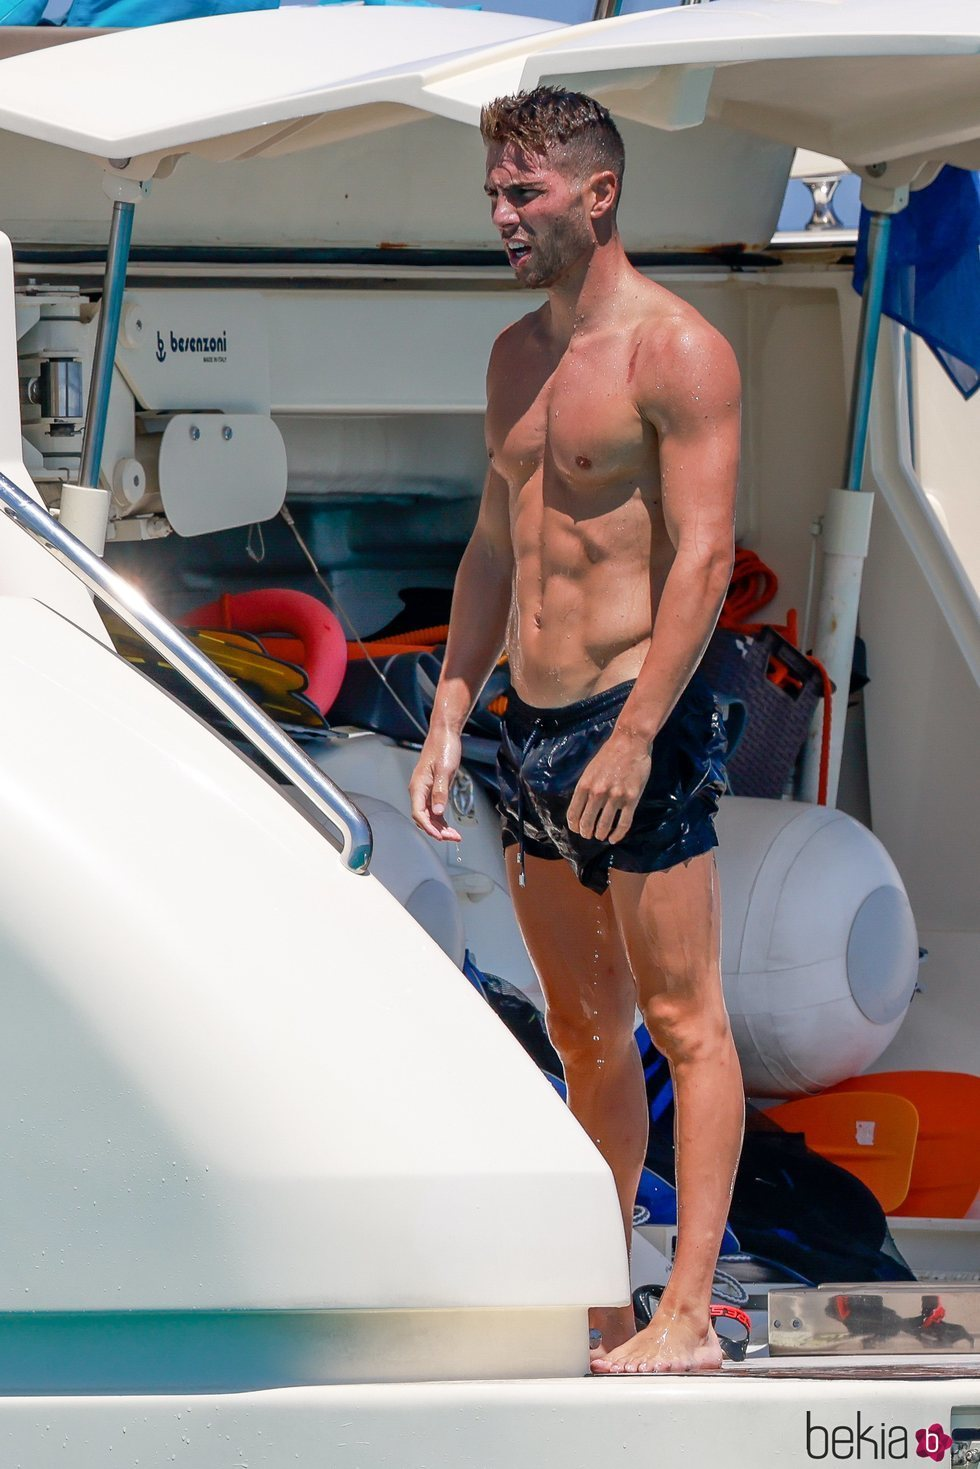 Luca Zidane de vacaciones a bordo de un yate en Ibiza